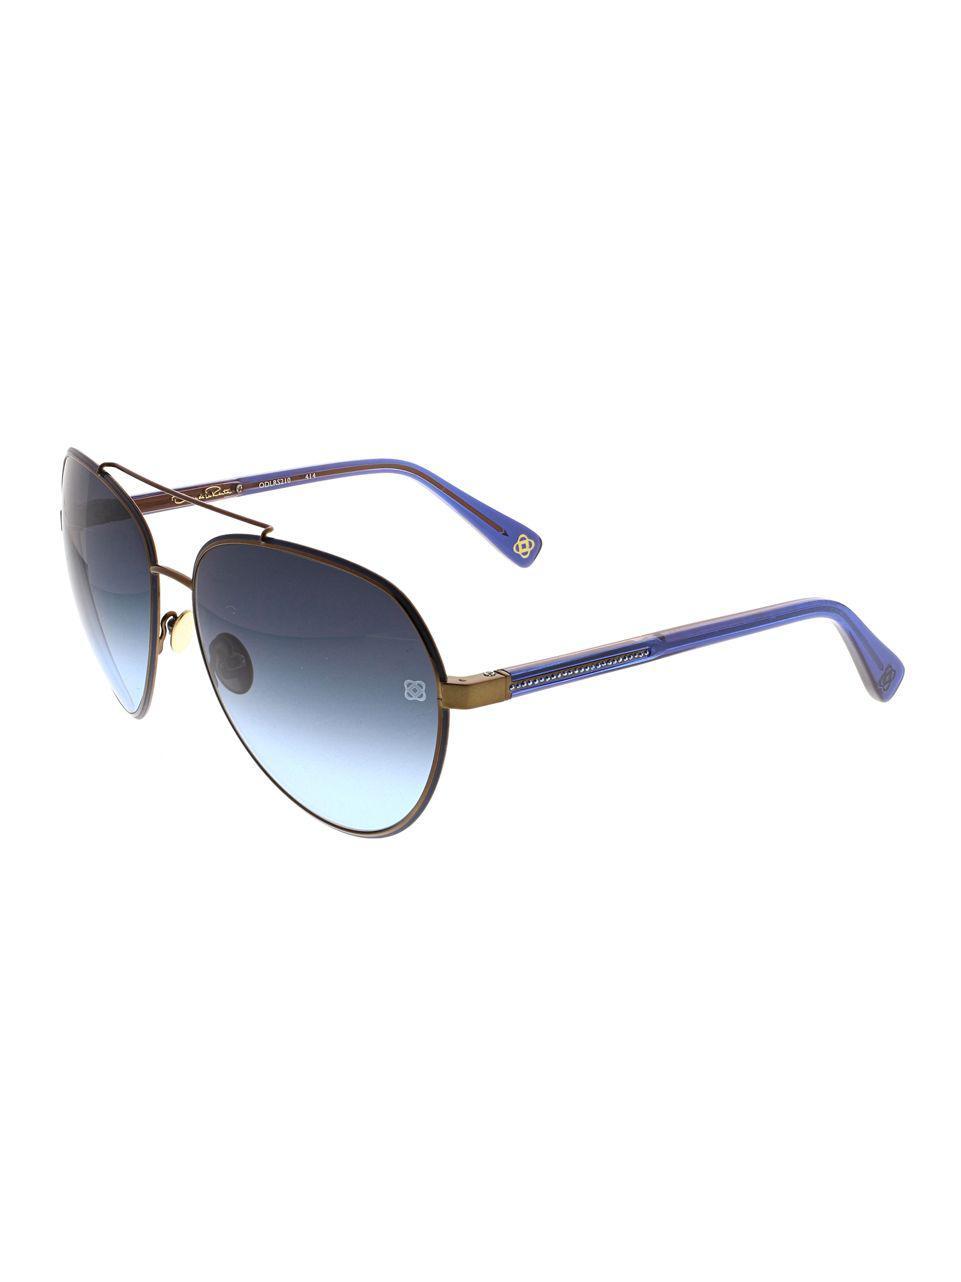 4c258a98aa Oscar De La Renta 61mm Aviator Sunglasses in Blue - Save ...